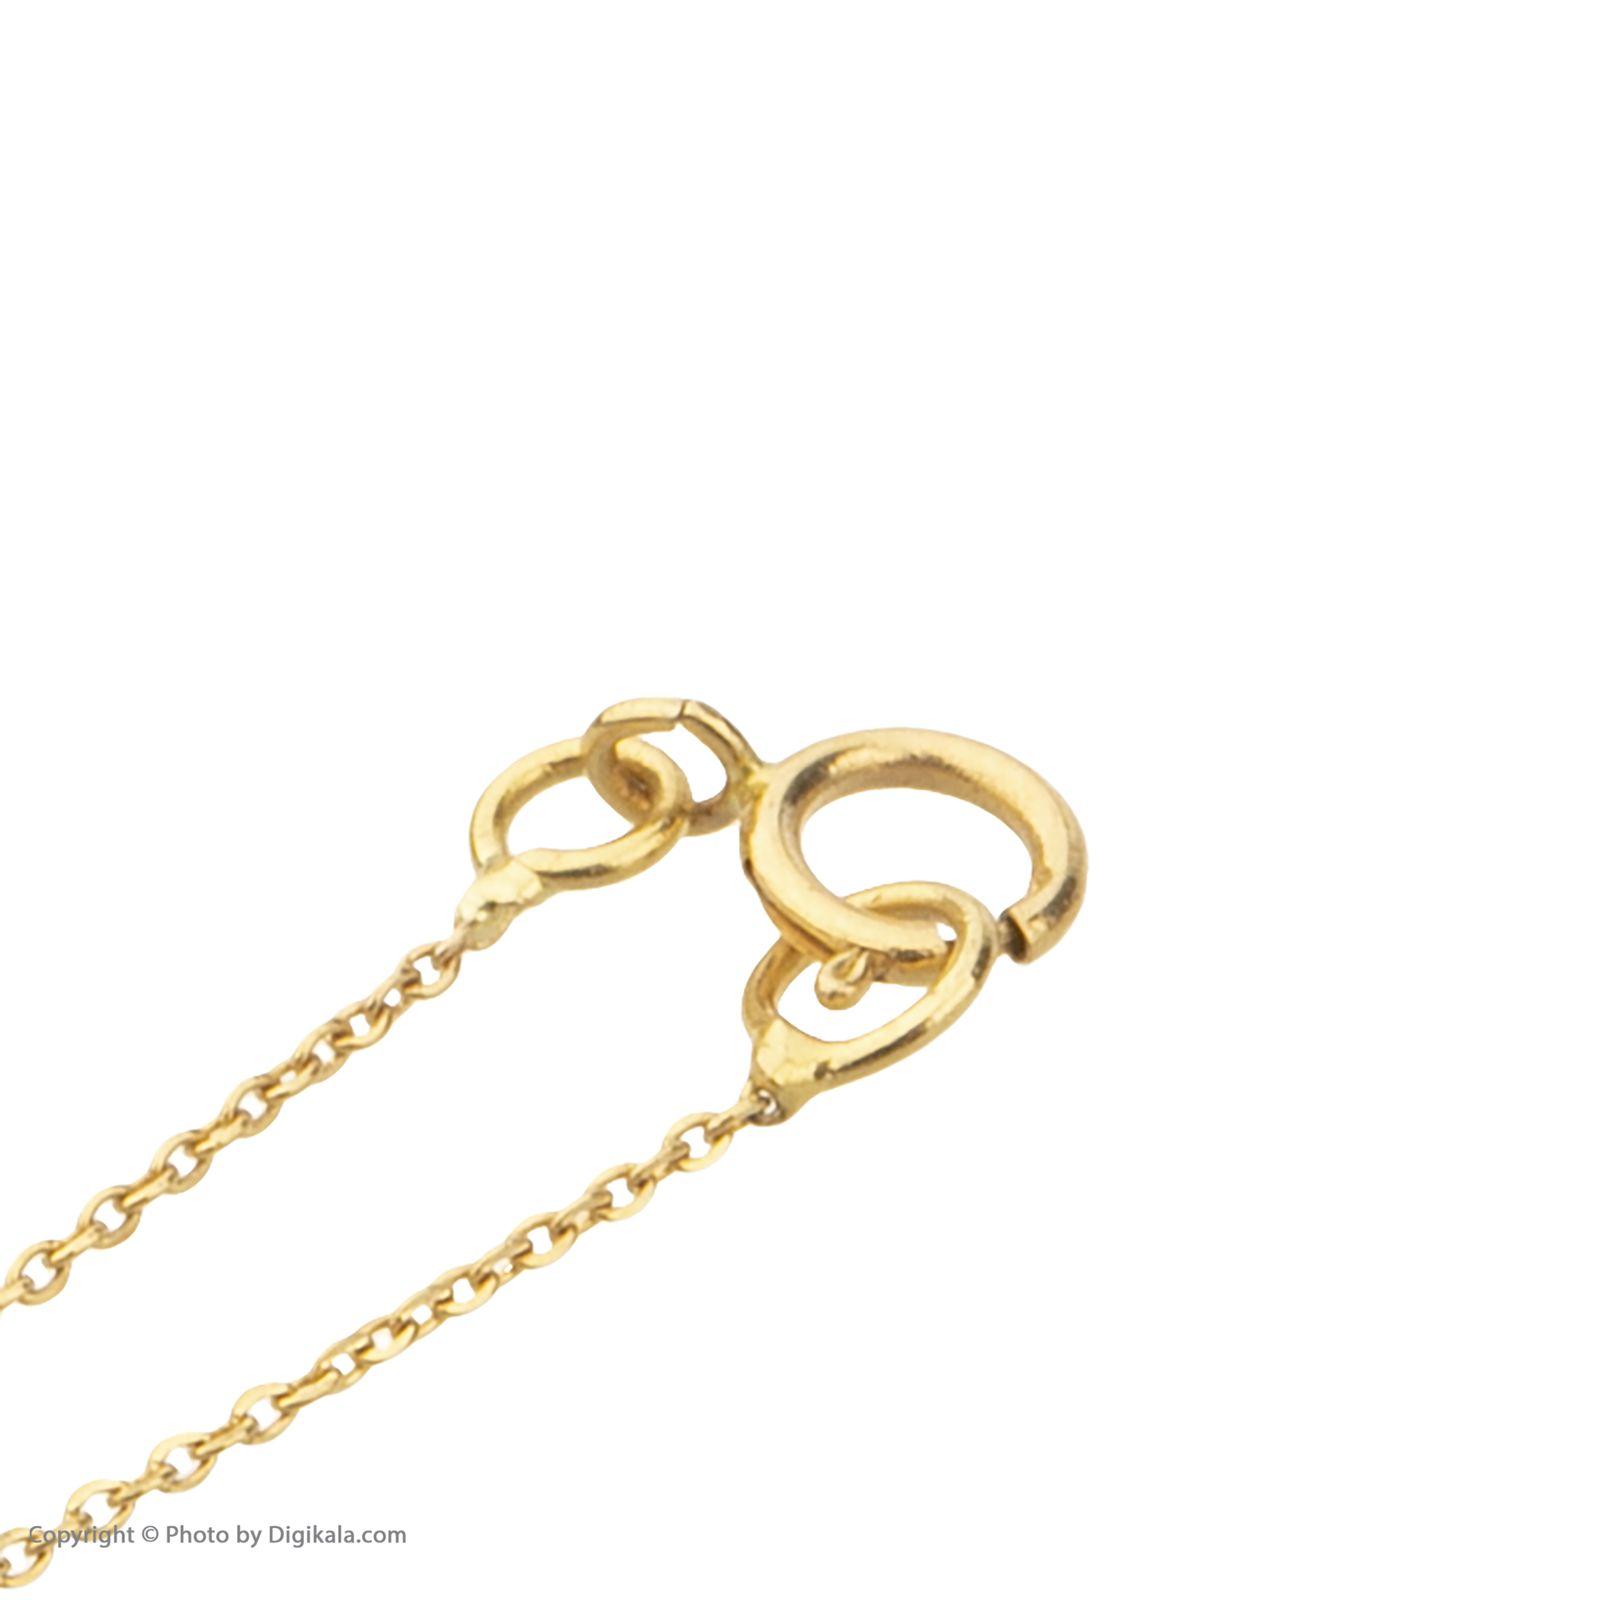 آویز ساعت طلا 18 عیار زنانه میو گلد مدل GD614 -  - 5